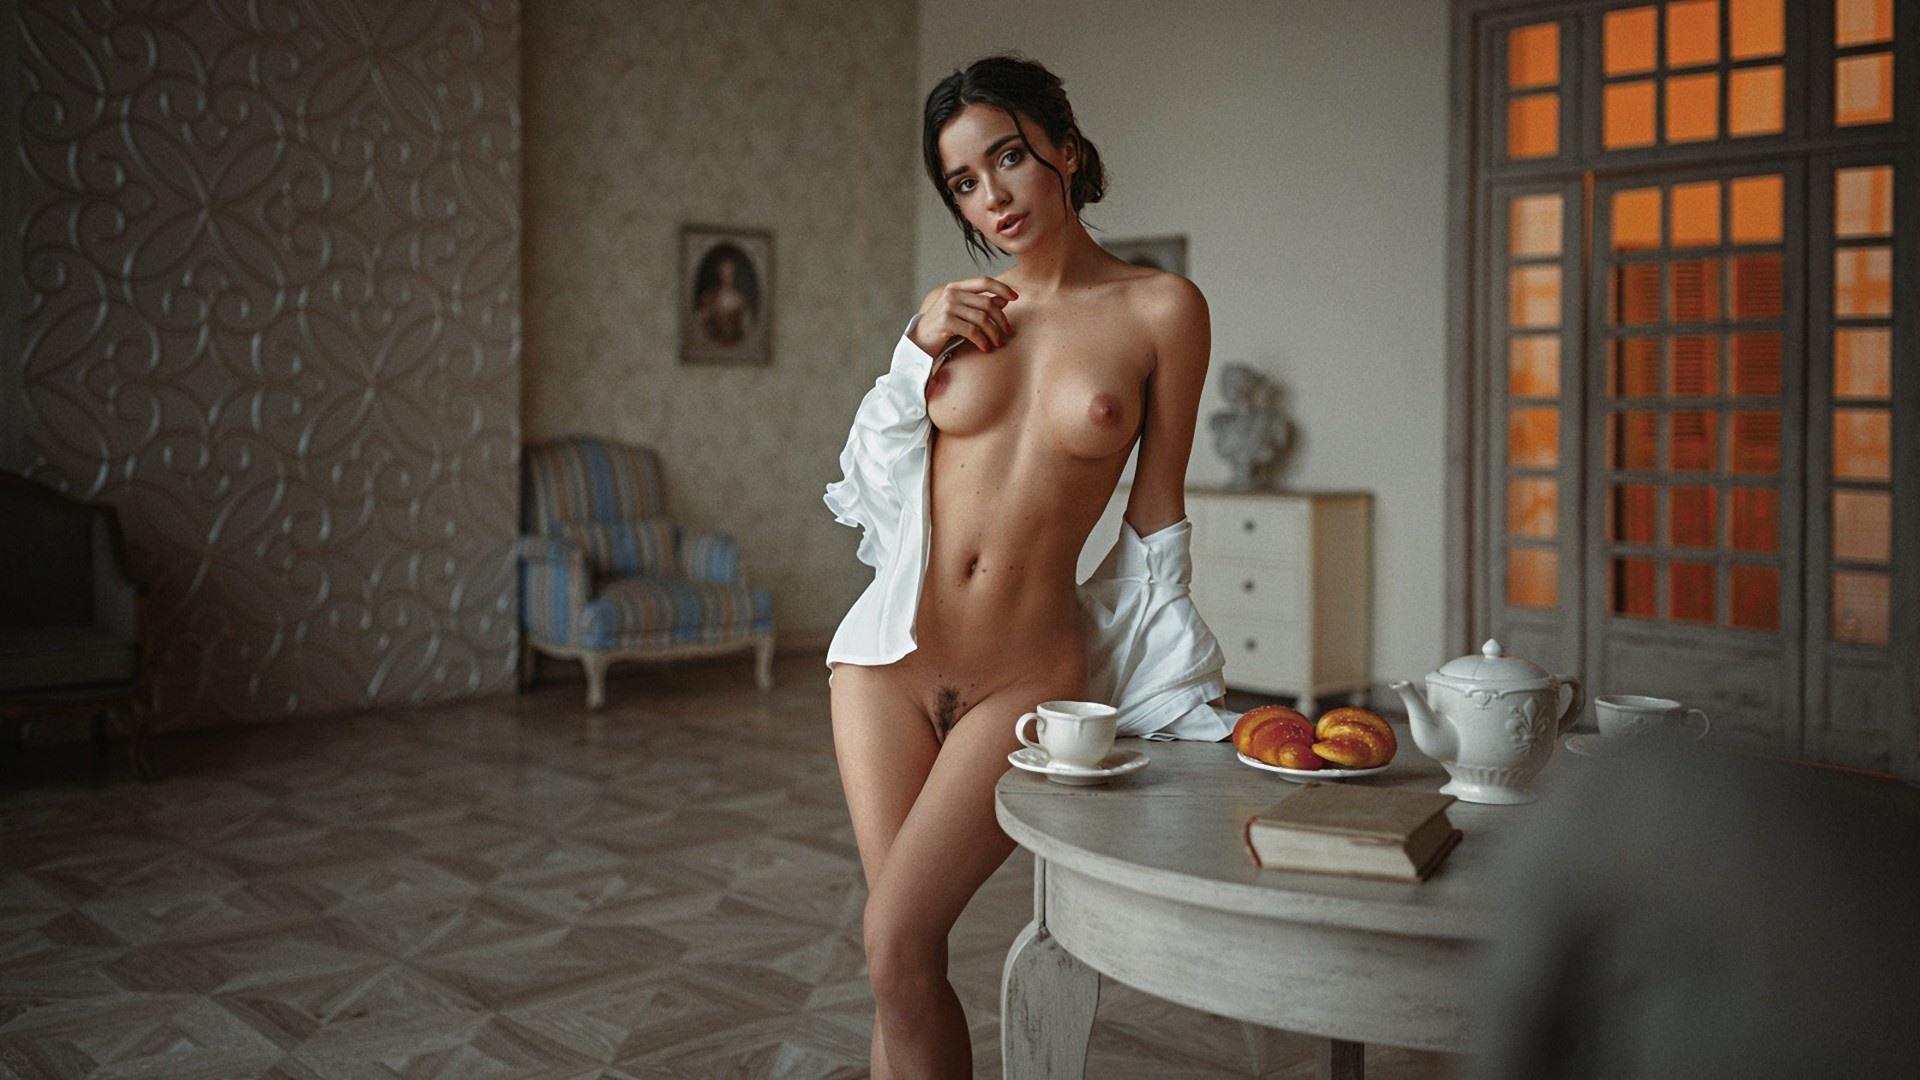 Фото Красотка расстегнула рубашку, сексуальное обнаженное тело, гостиная, скачать картинку бесплатно